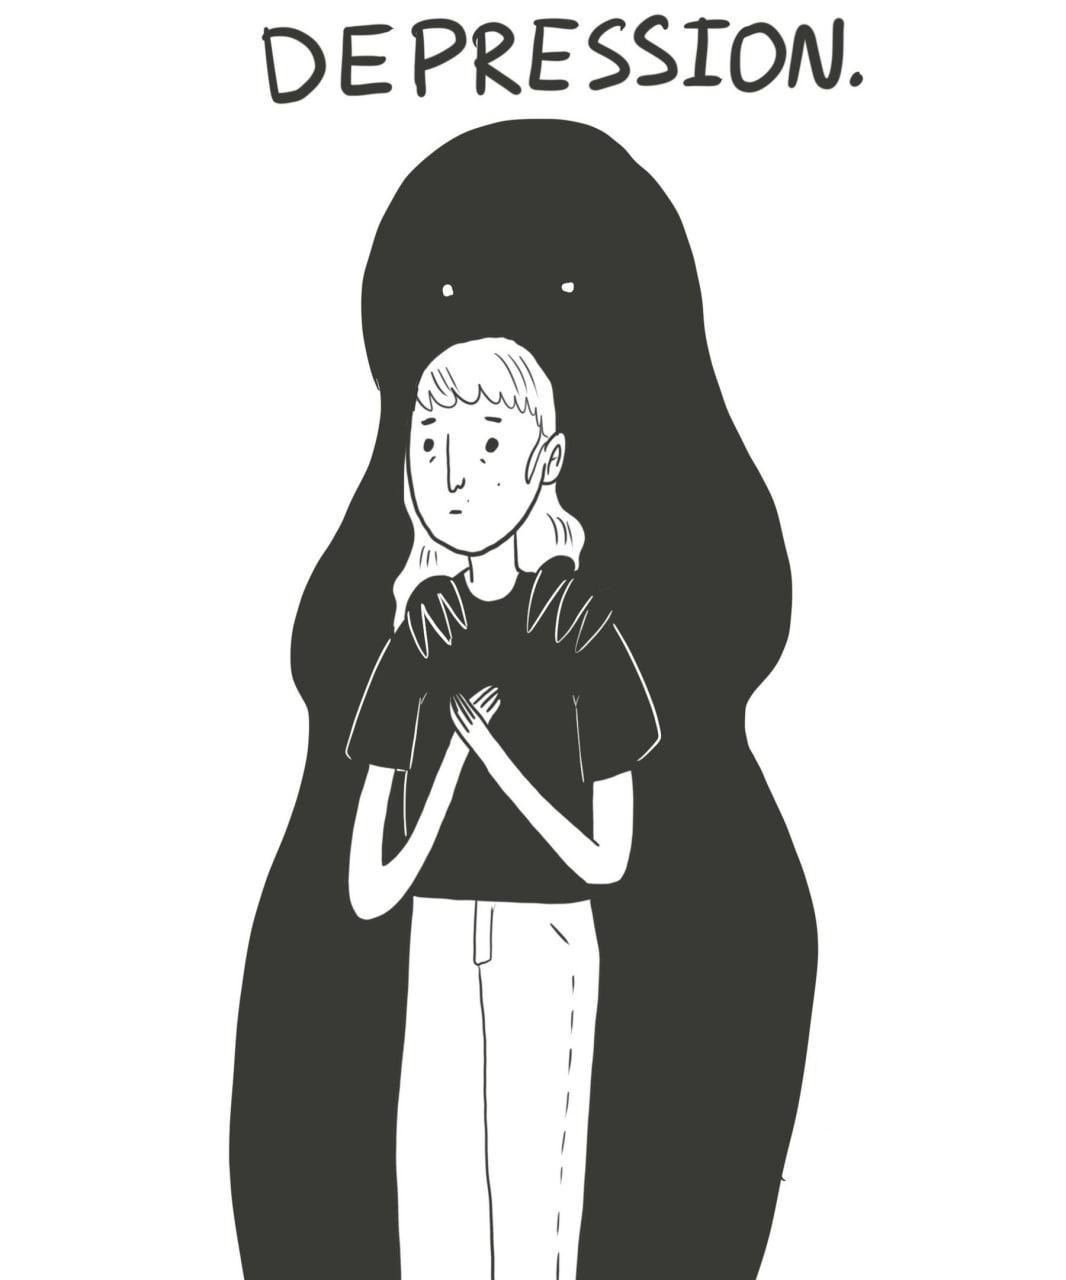 Депрессивное расстройство  Спешу поделиться с вами важным и классным комиксом...